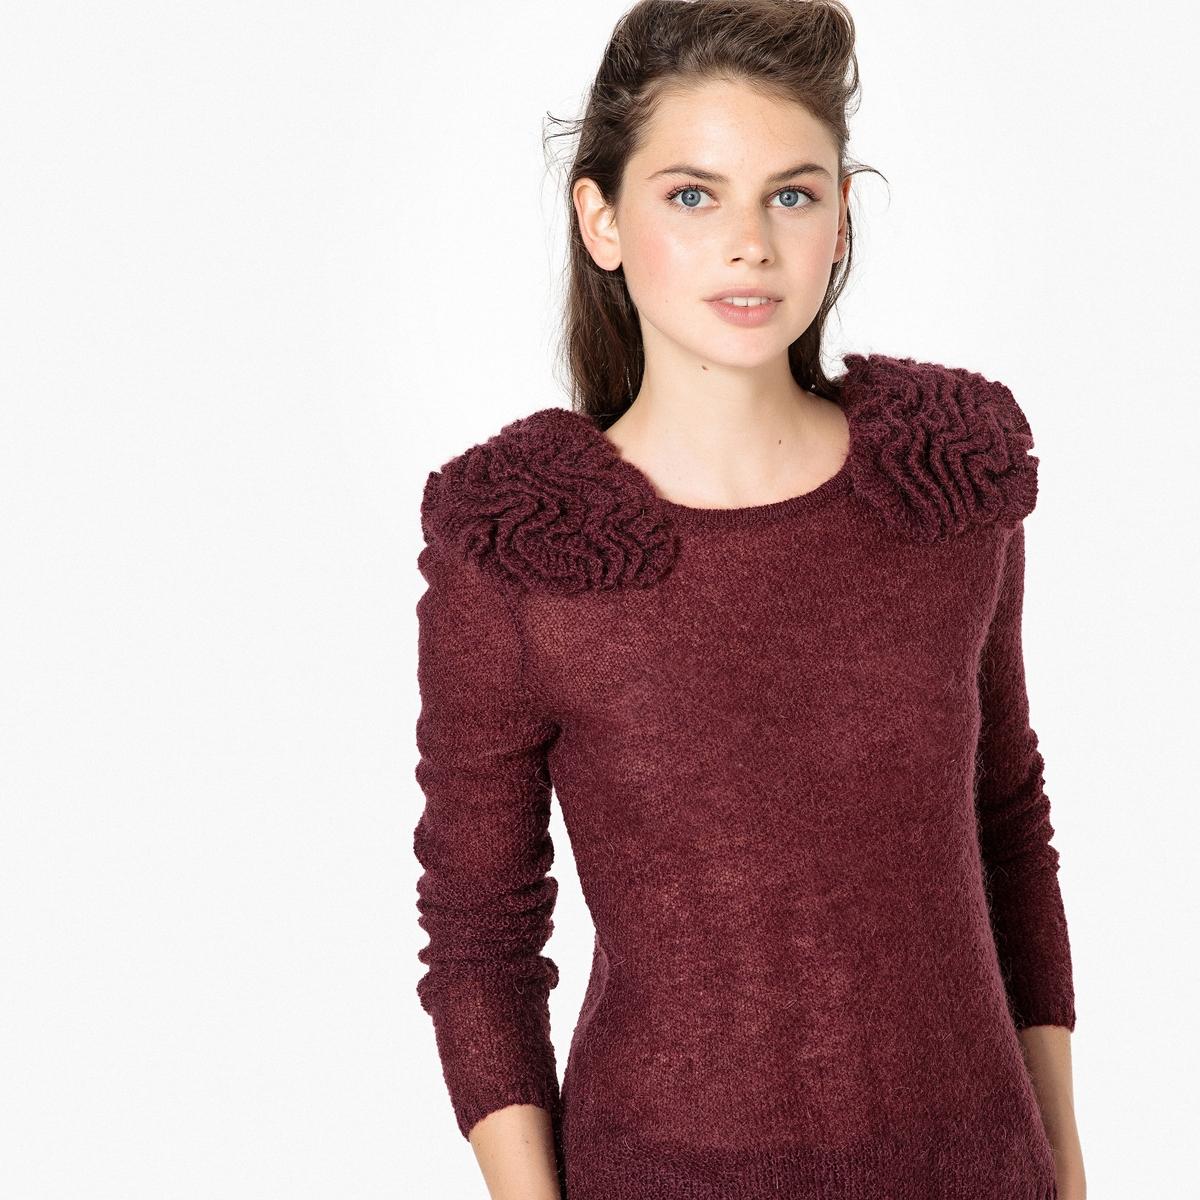 Пуловер La Redoute С круглым вырезом и деталями в виде цветов L красный пуловер la redoute с круглым вырезом в полоску из плотного трикотажа s красный